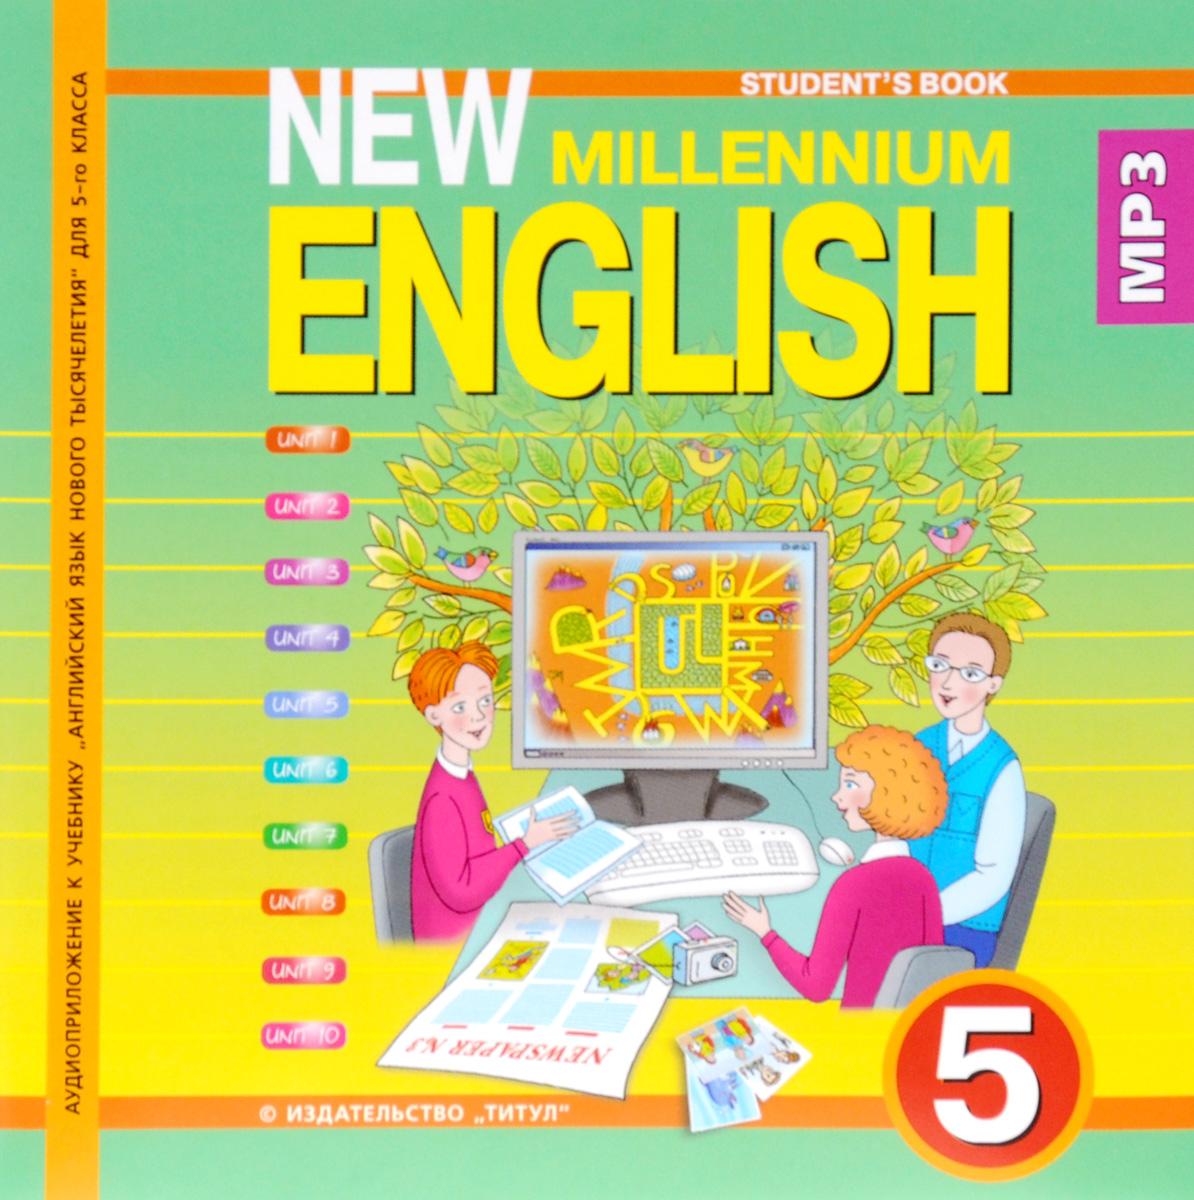 New Millennium English 5 / Английский язык нового тысячелетия. Английский язык. 5 класс. Электронное учебное пособие